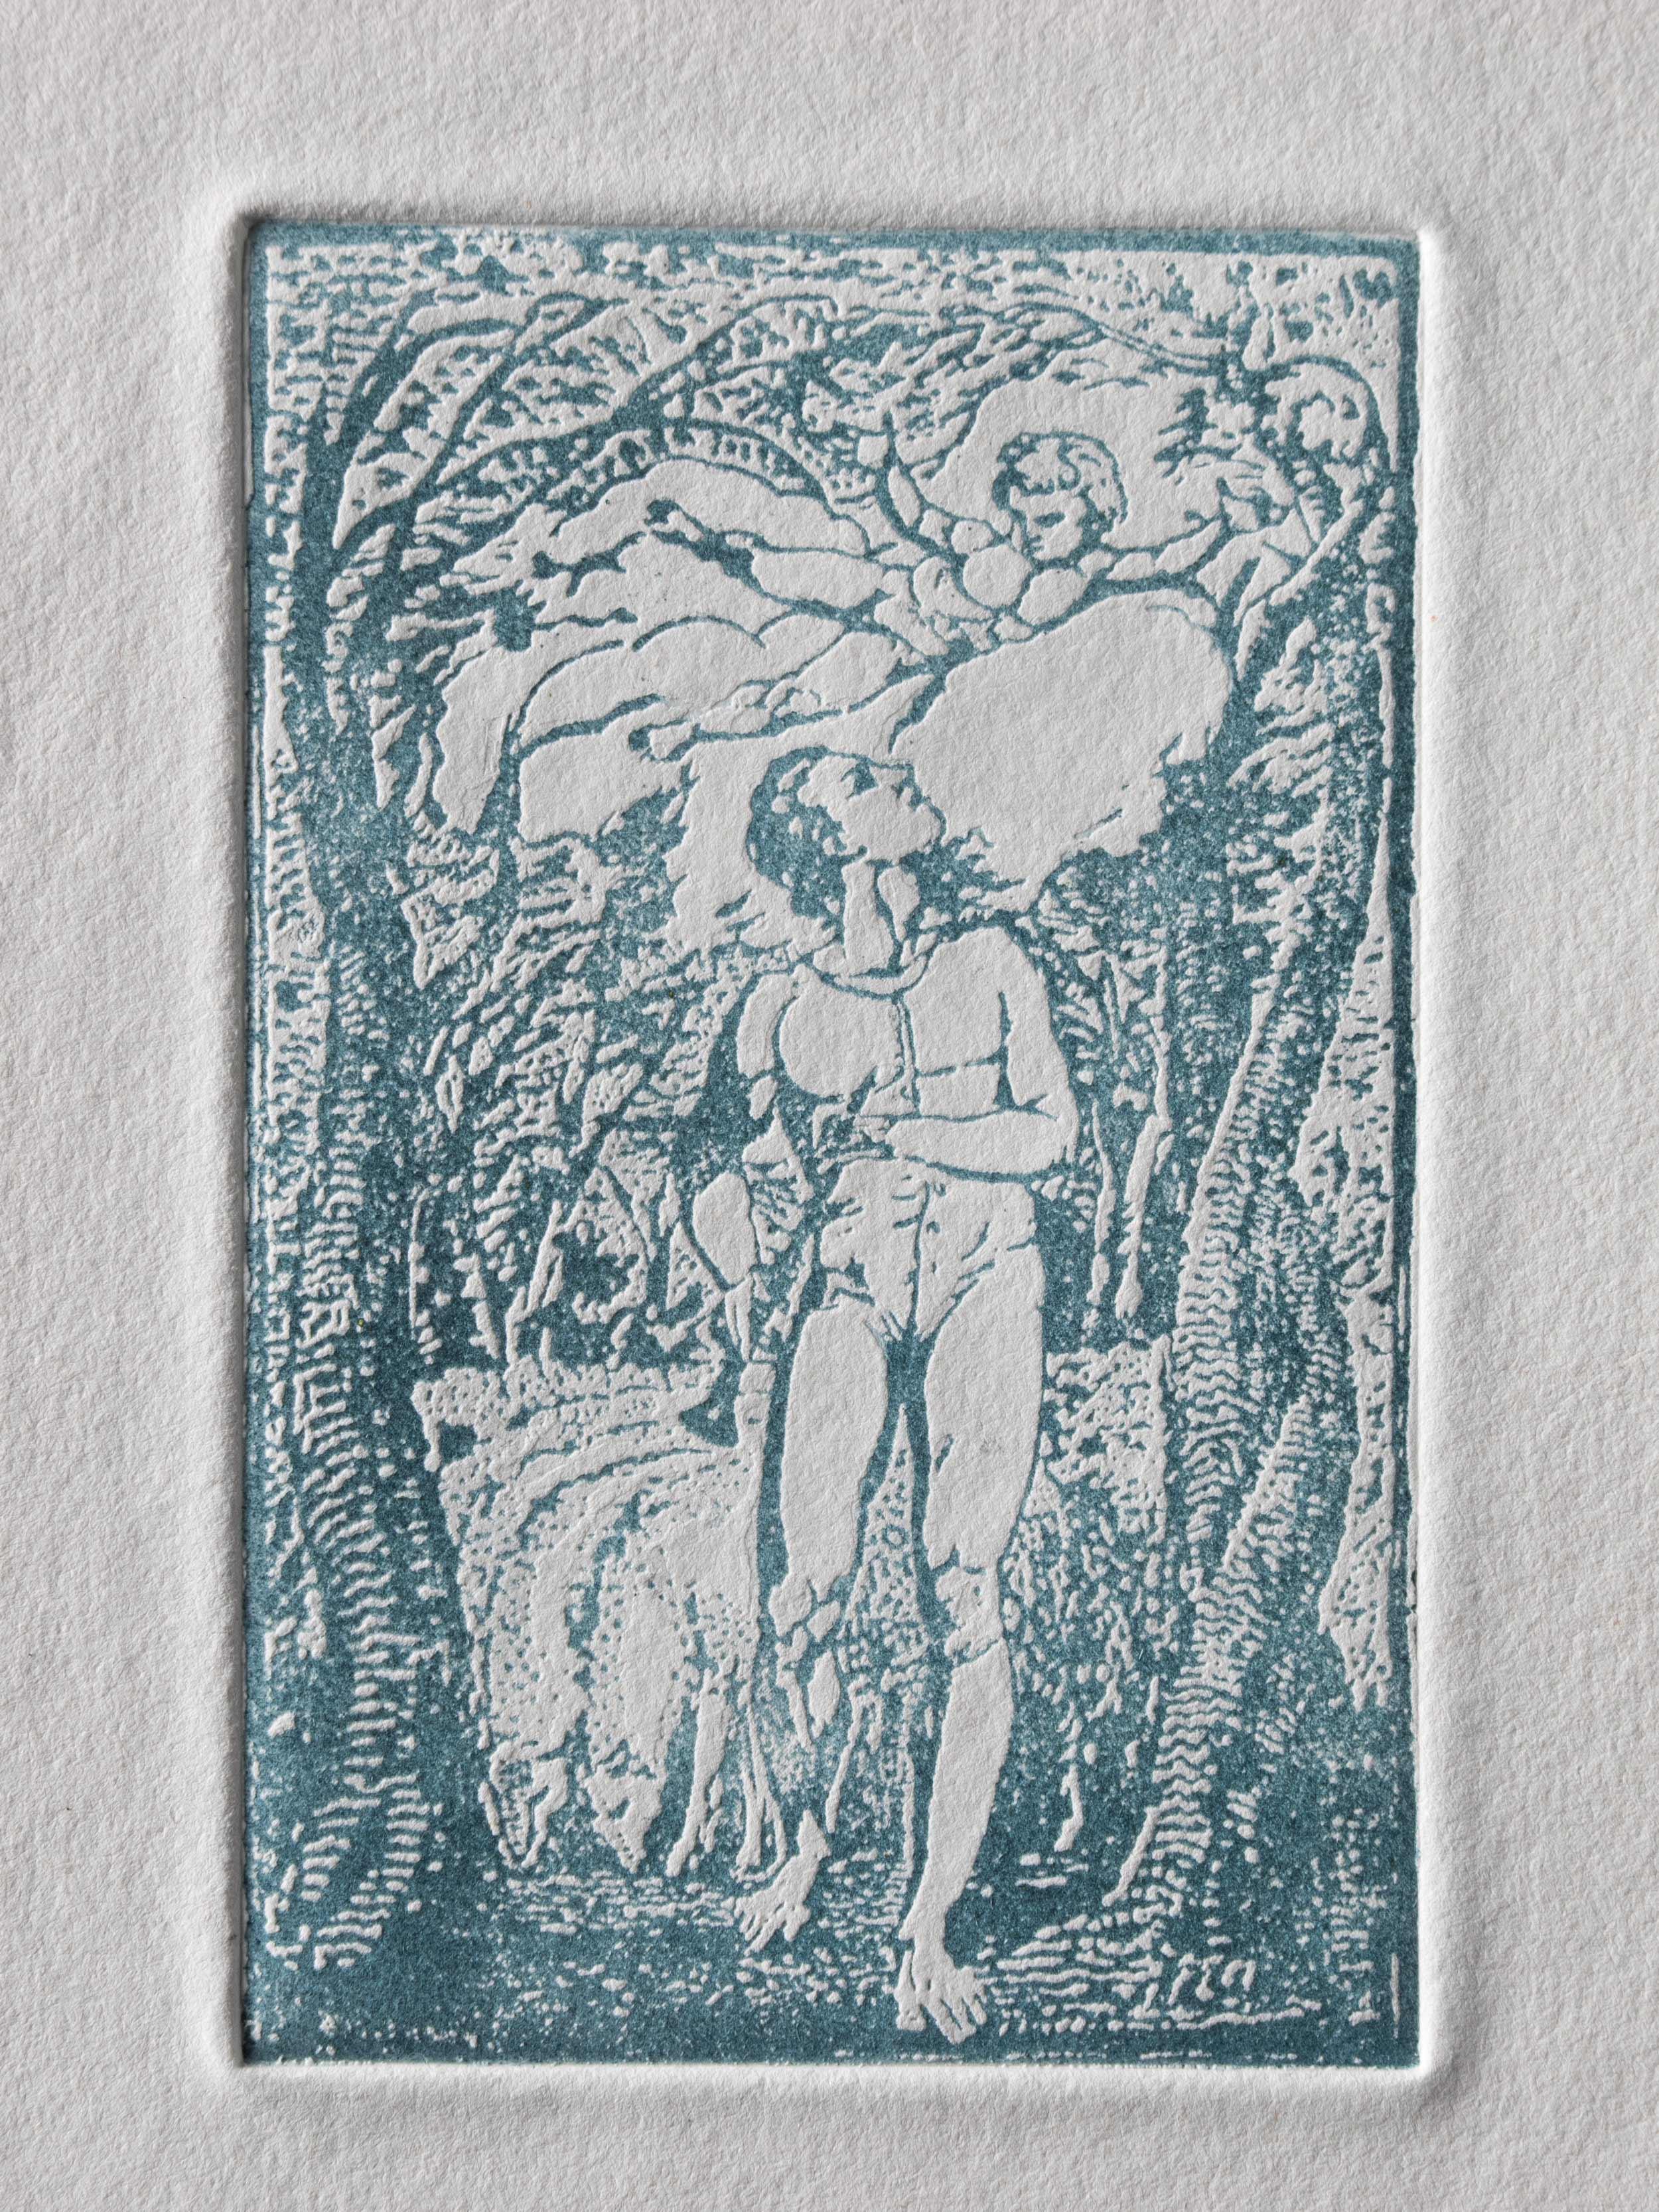 William-Blake-prints-Songs-of-Innocence-Frontispiece.jpg